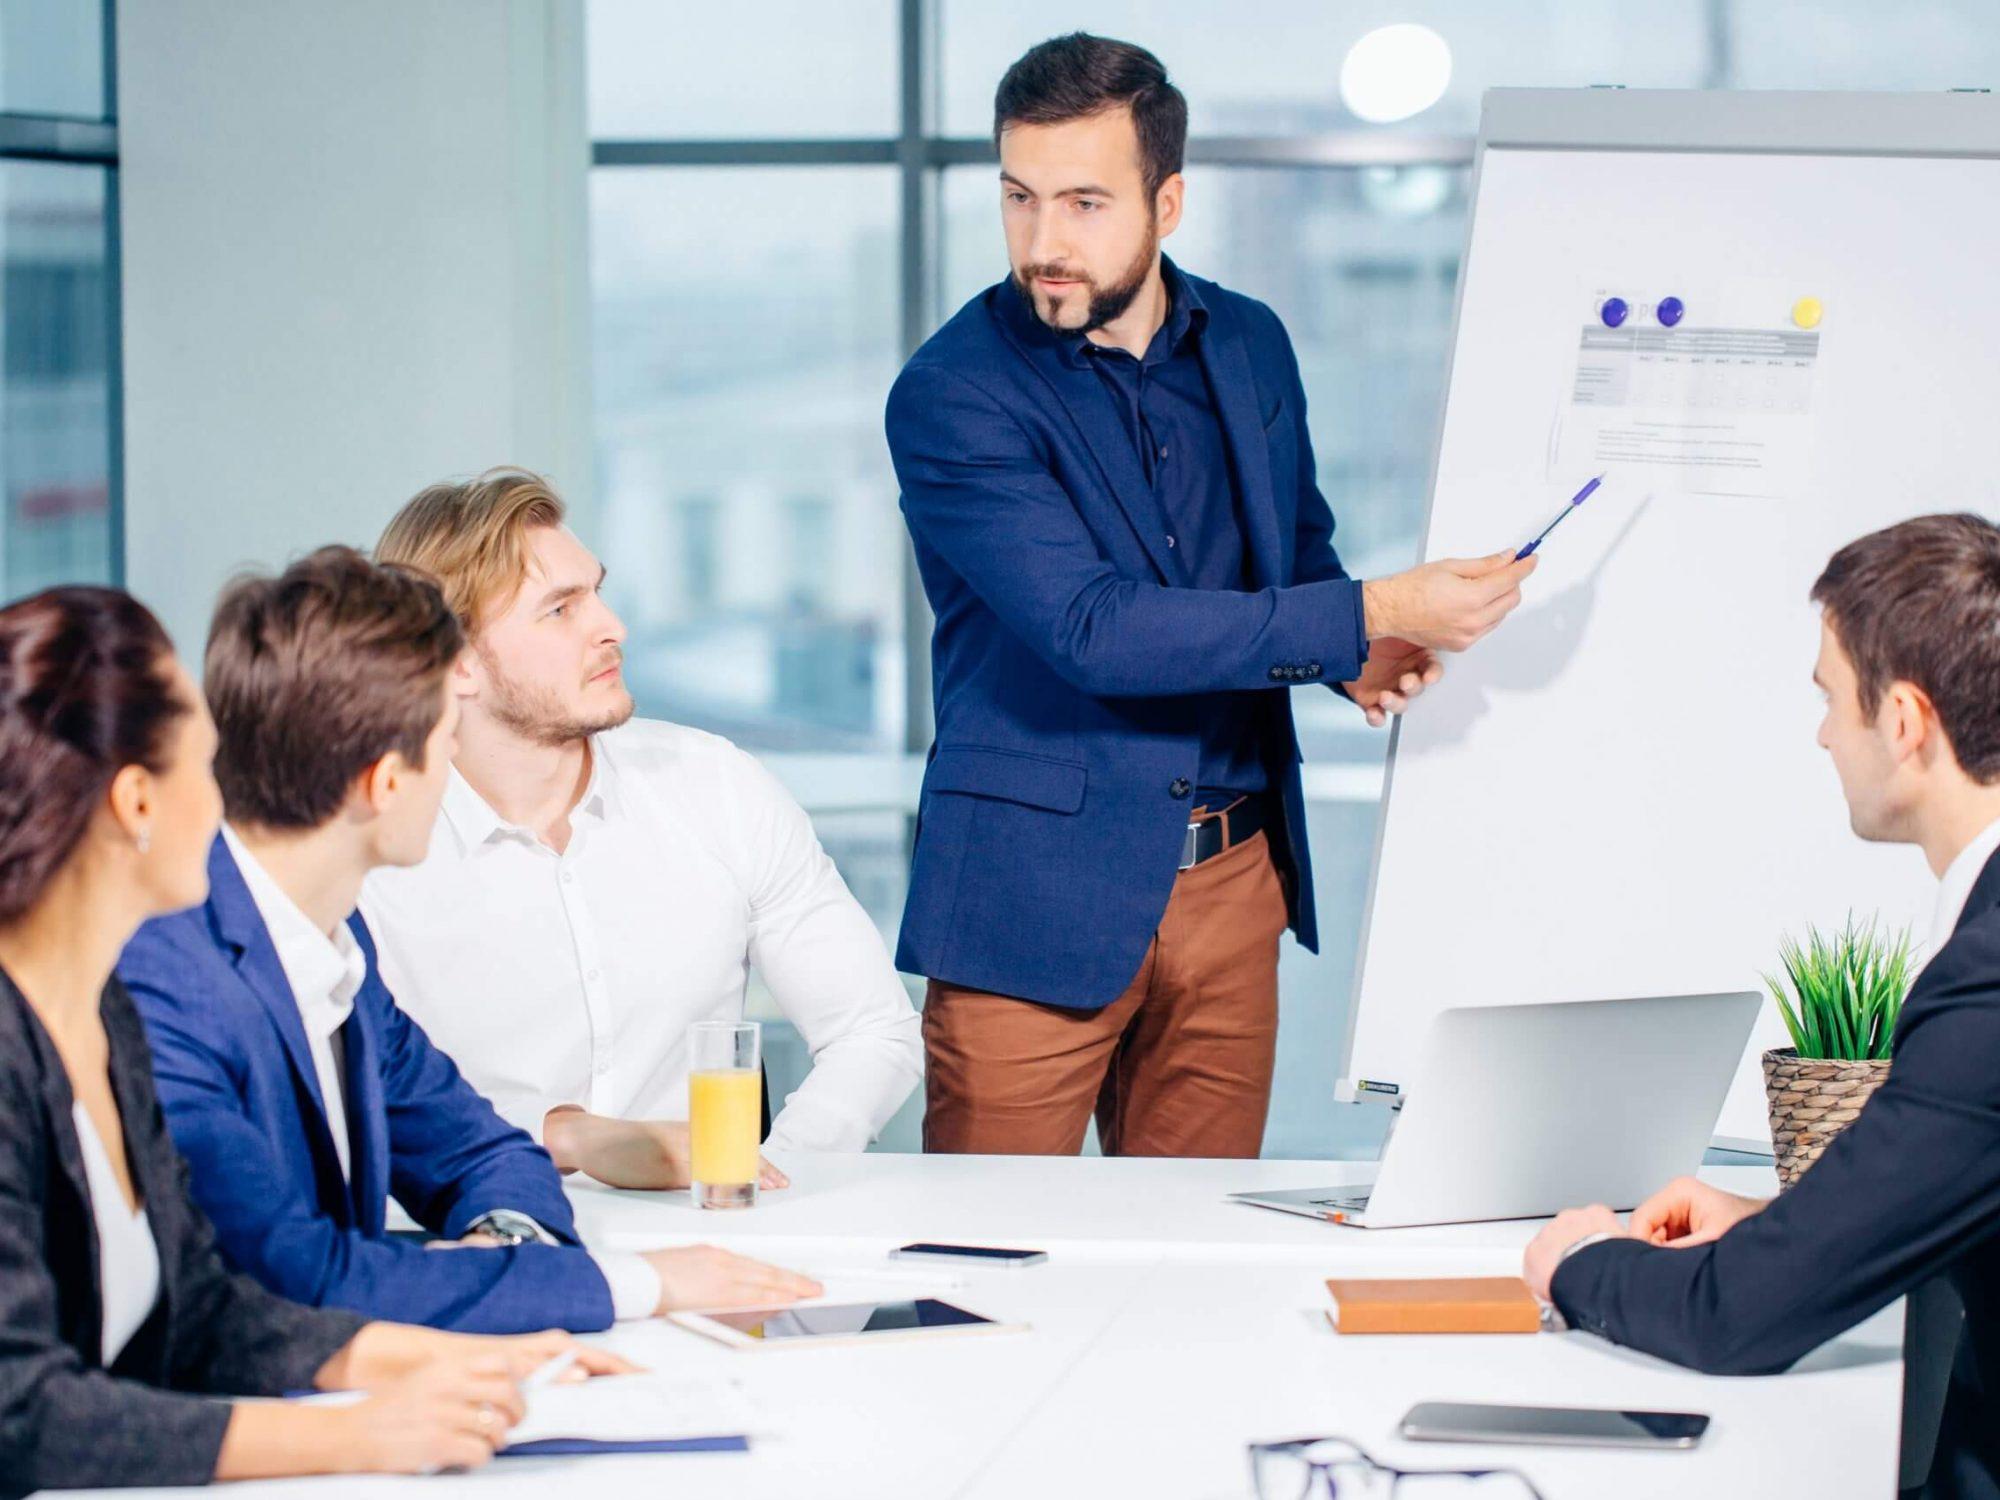 agile training in UK